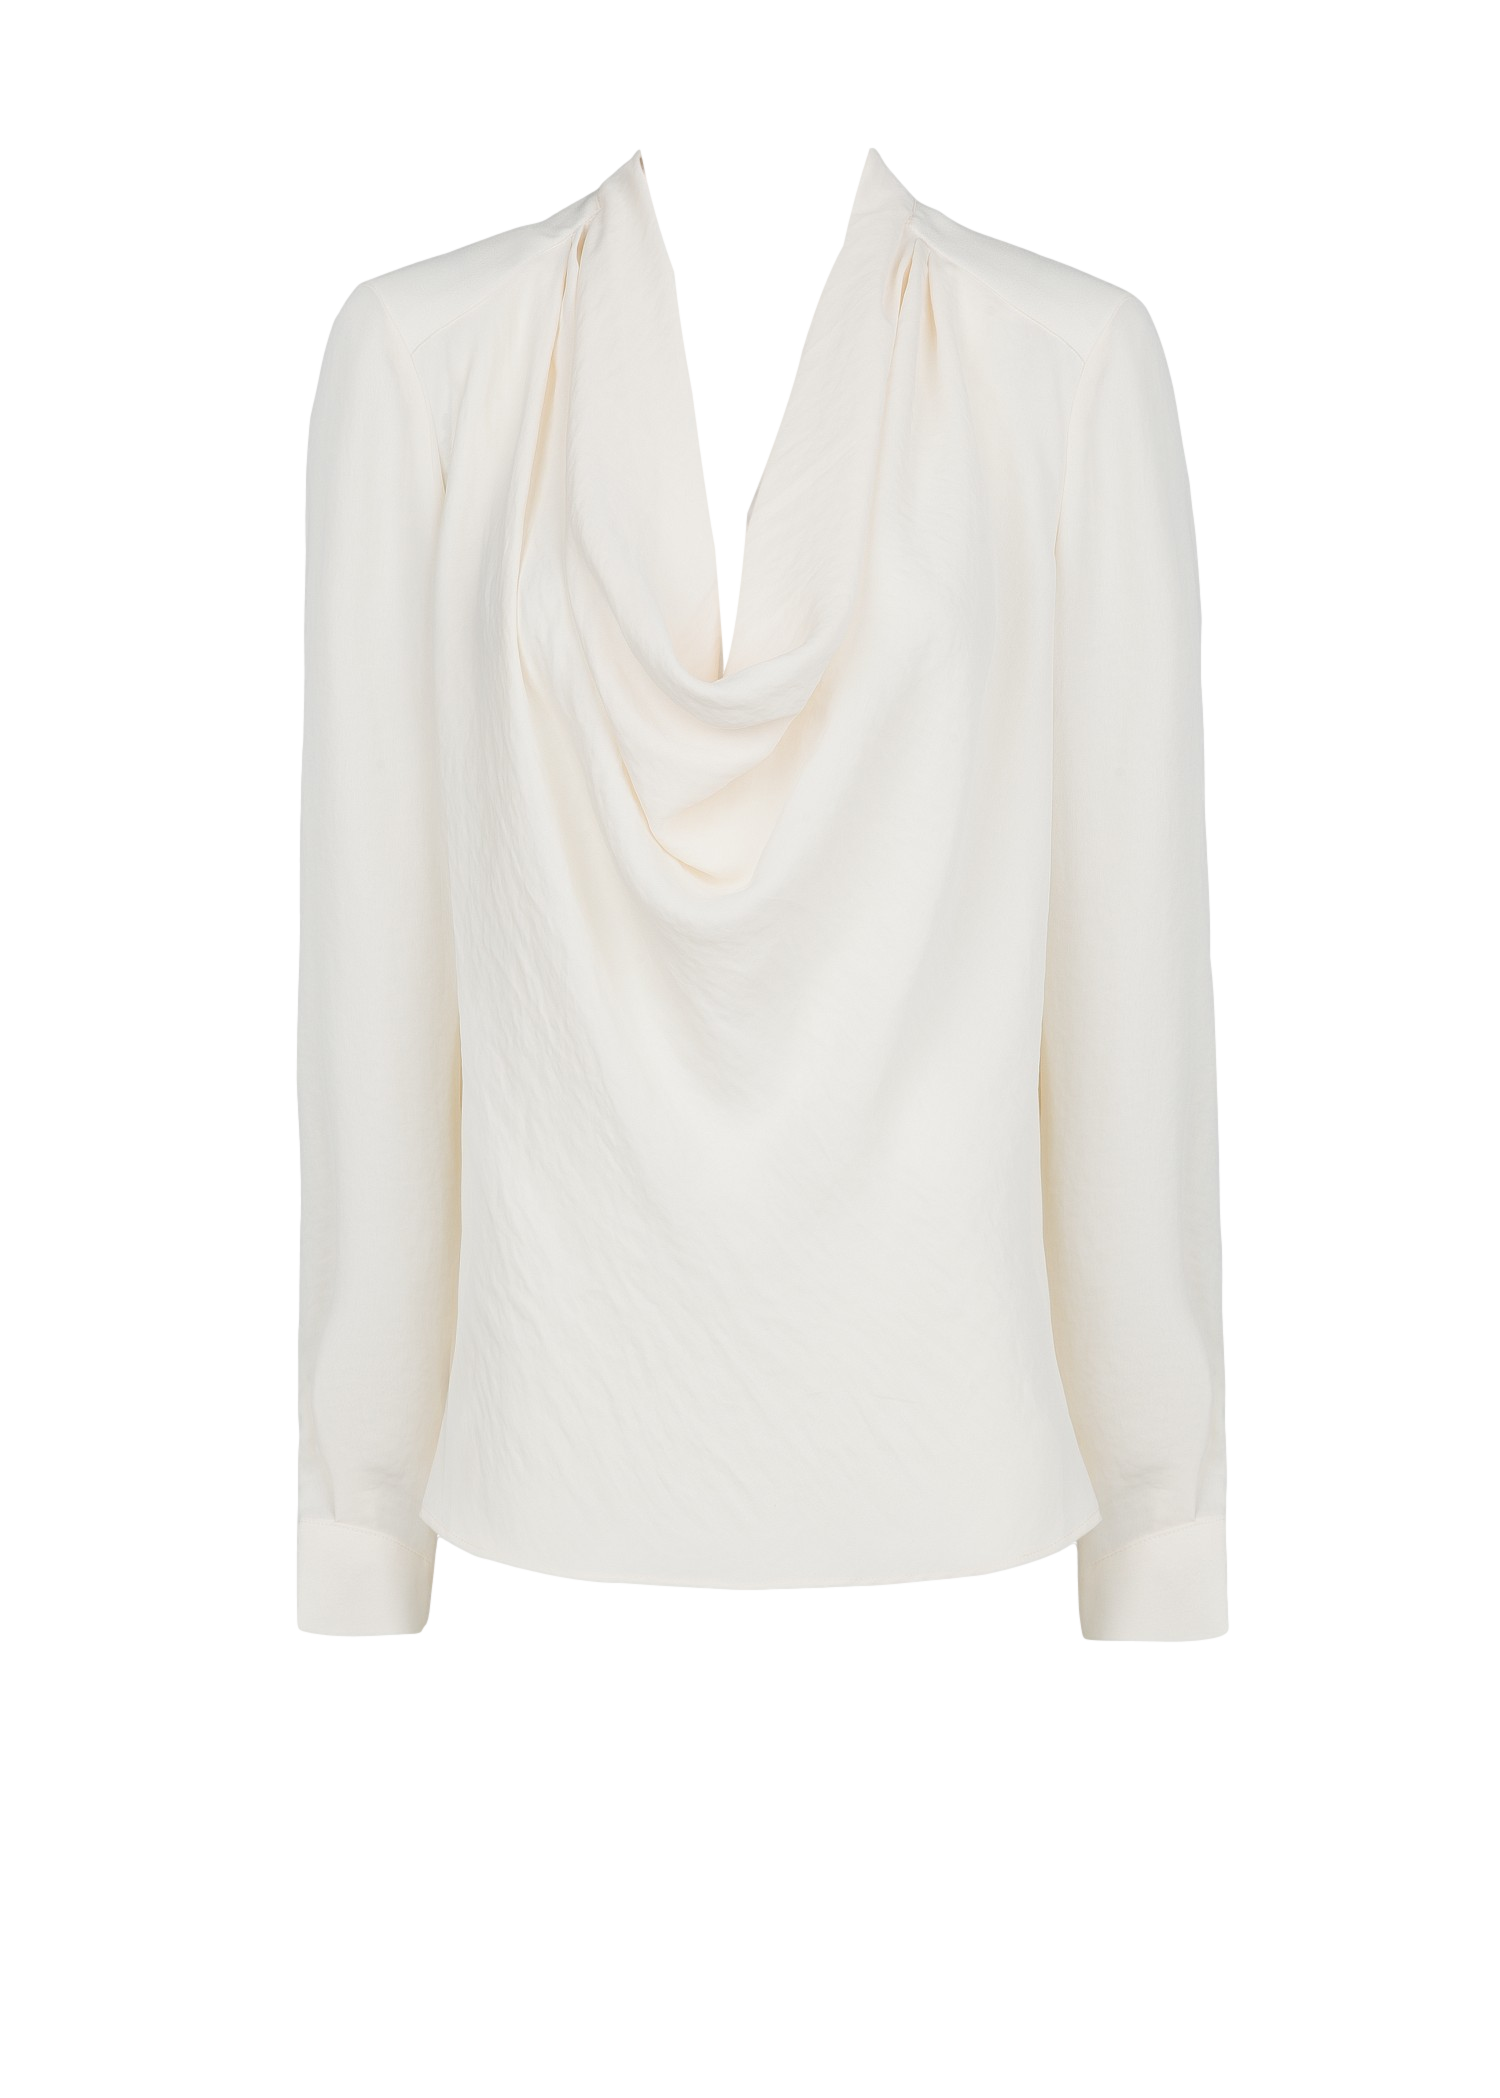 Cowl neck flowy blouse